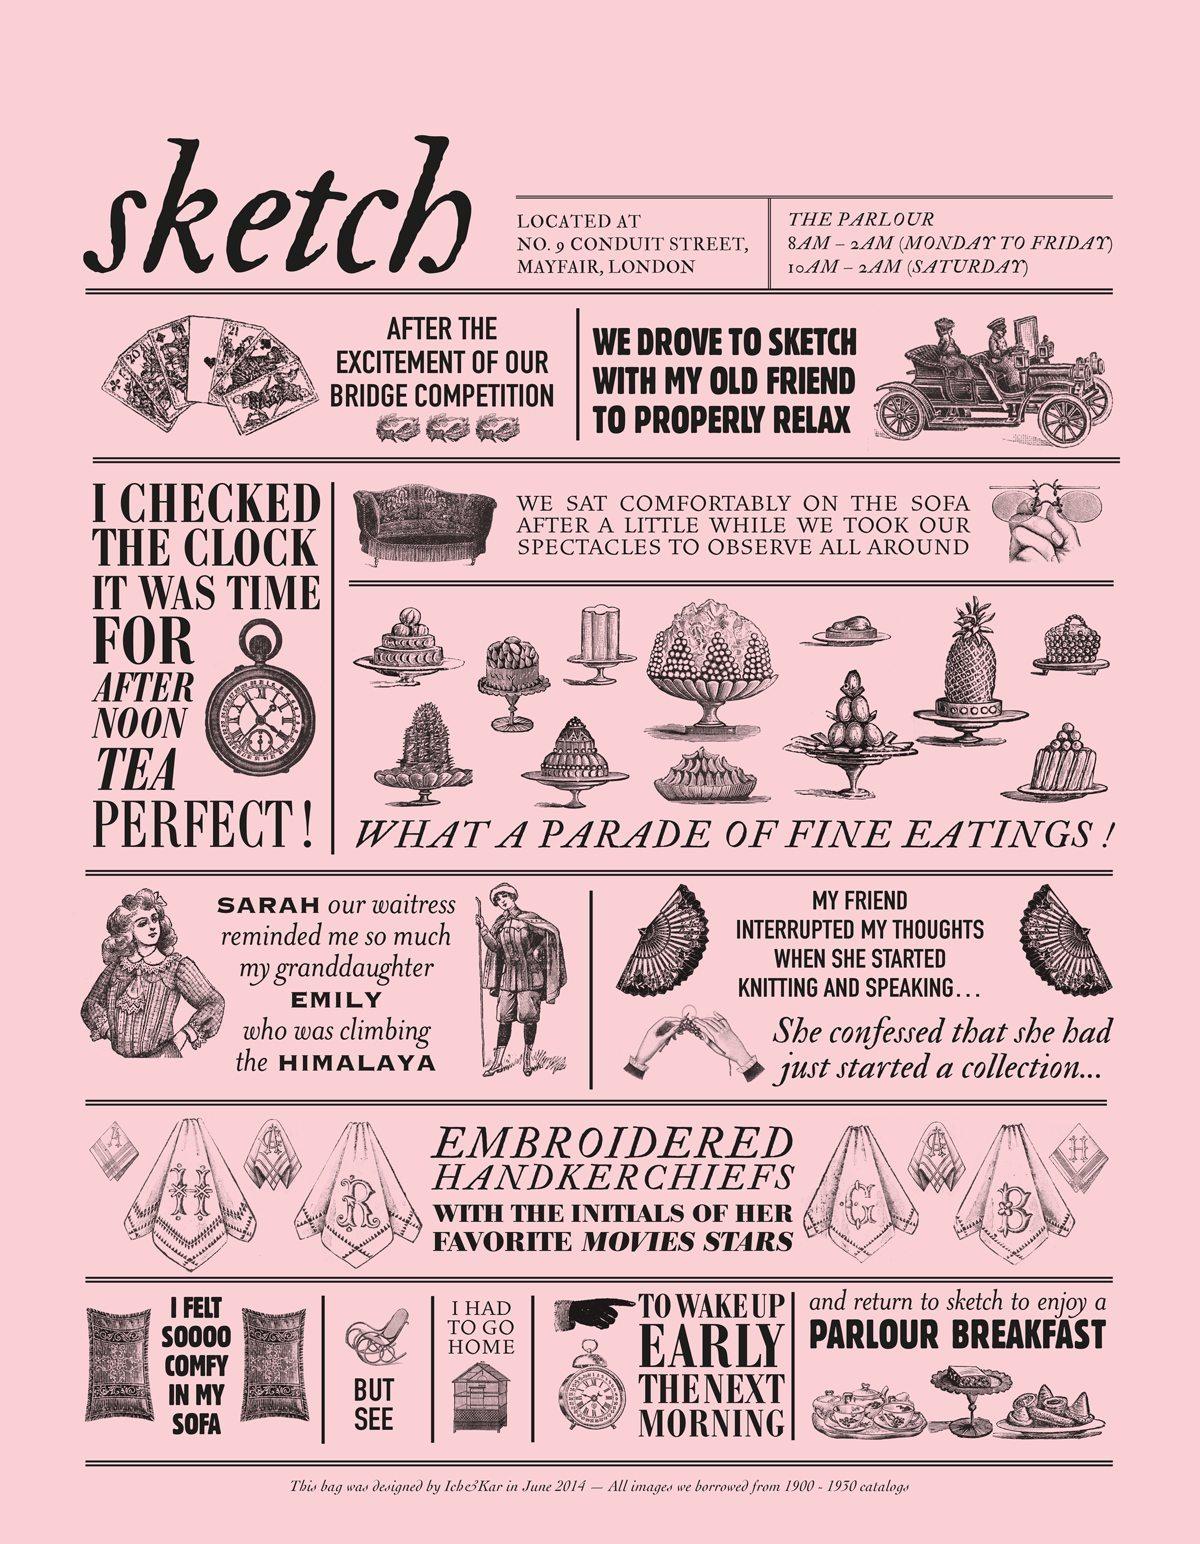 Les histoires illustrées avec des gravures pour le sac rose du restaurant Sketch à Londres, design Ich&Kar